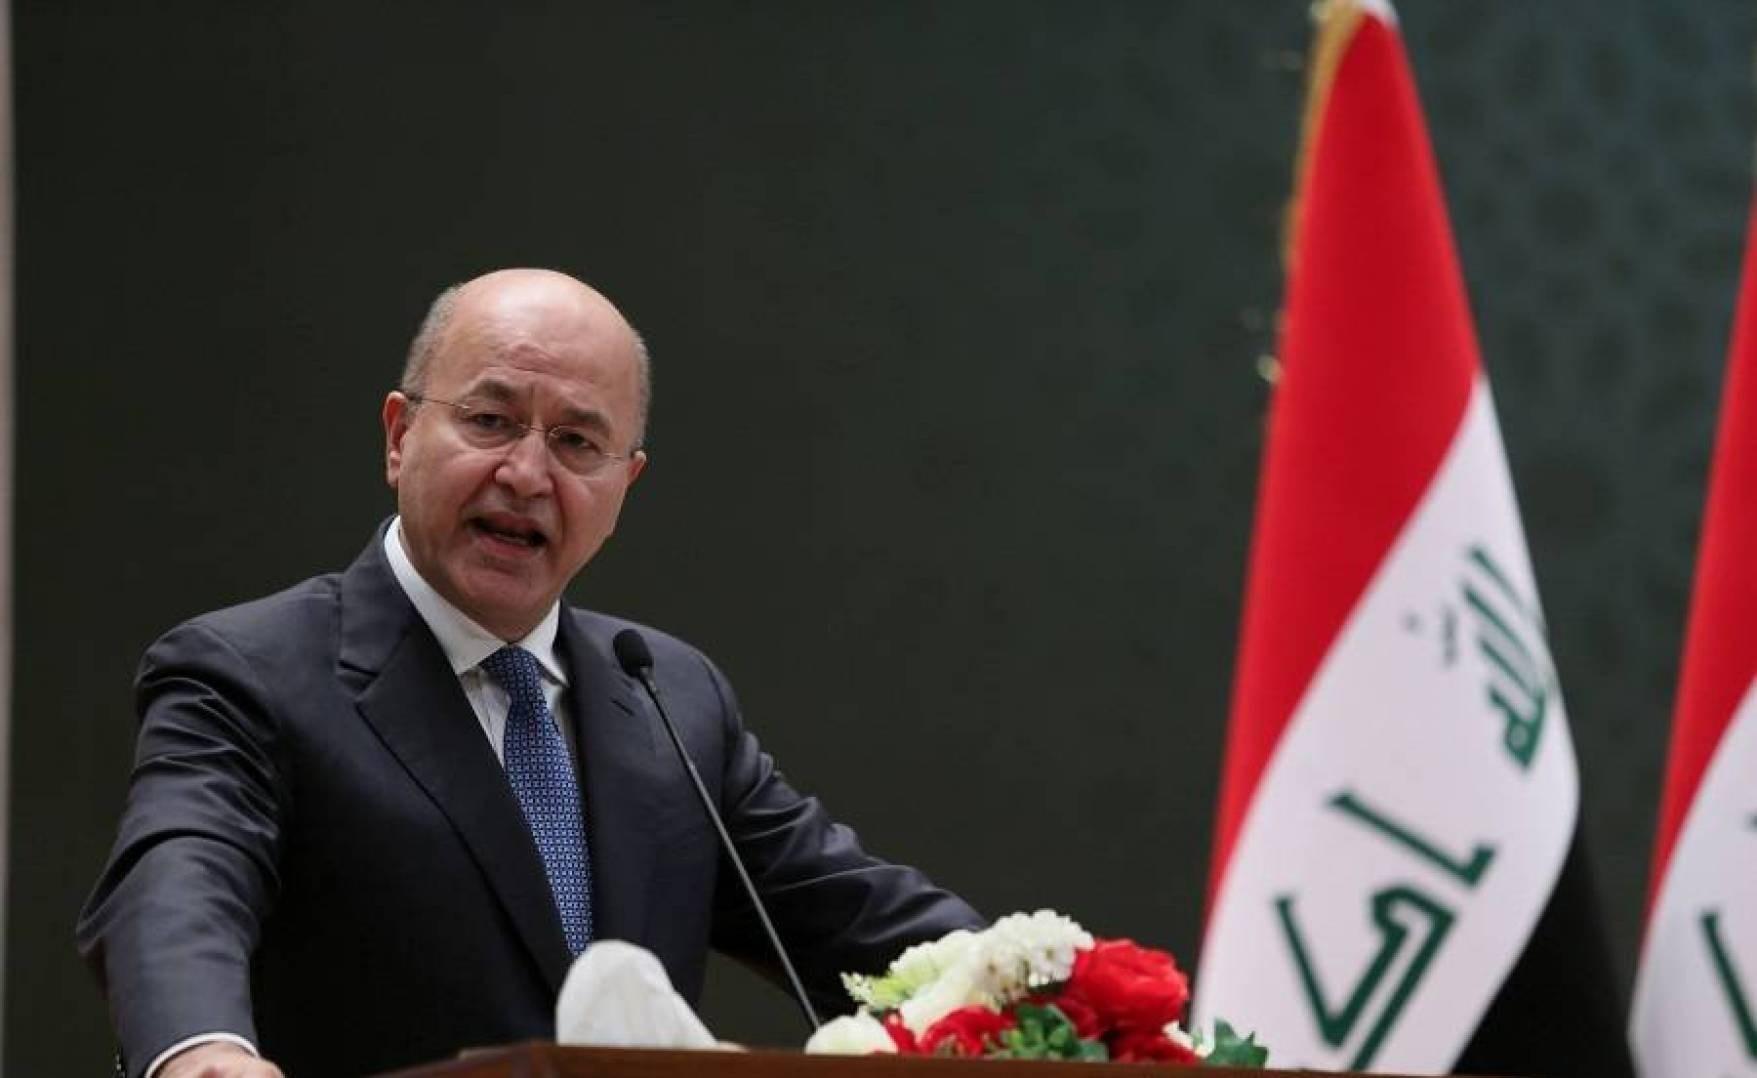 صالح يدعو إلى عقد سياسي جديد وإبعاد العراق عن سياسة المحاور